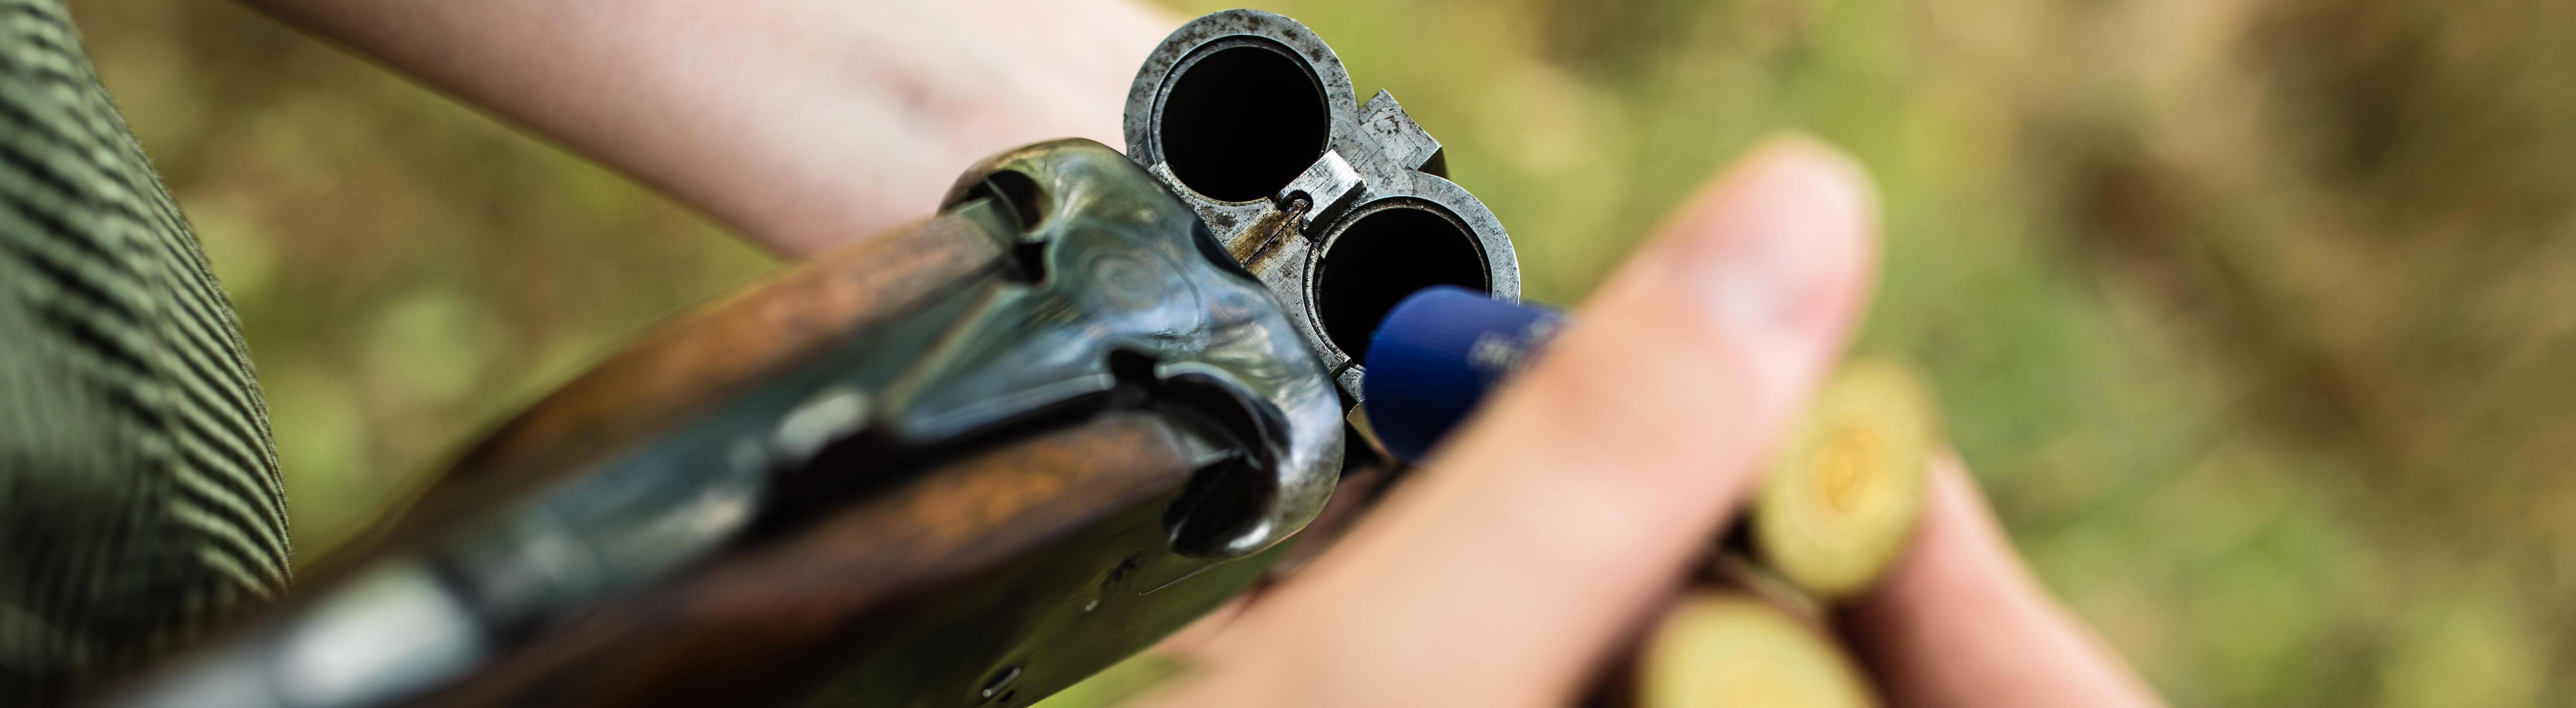 Eine Frau lädt ein Gewehr nach